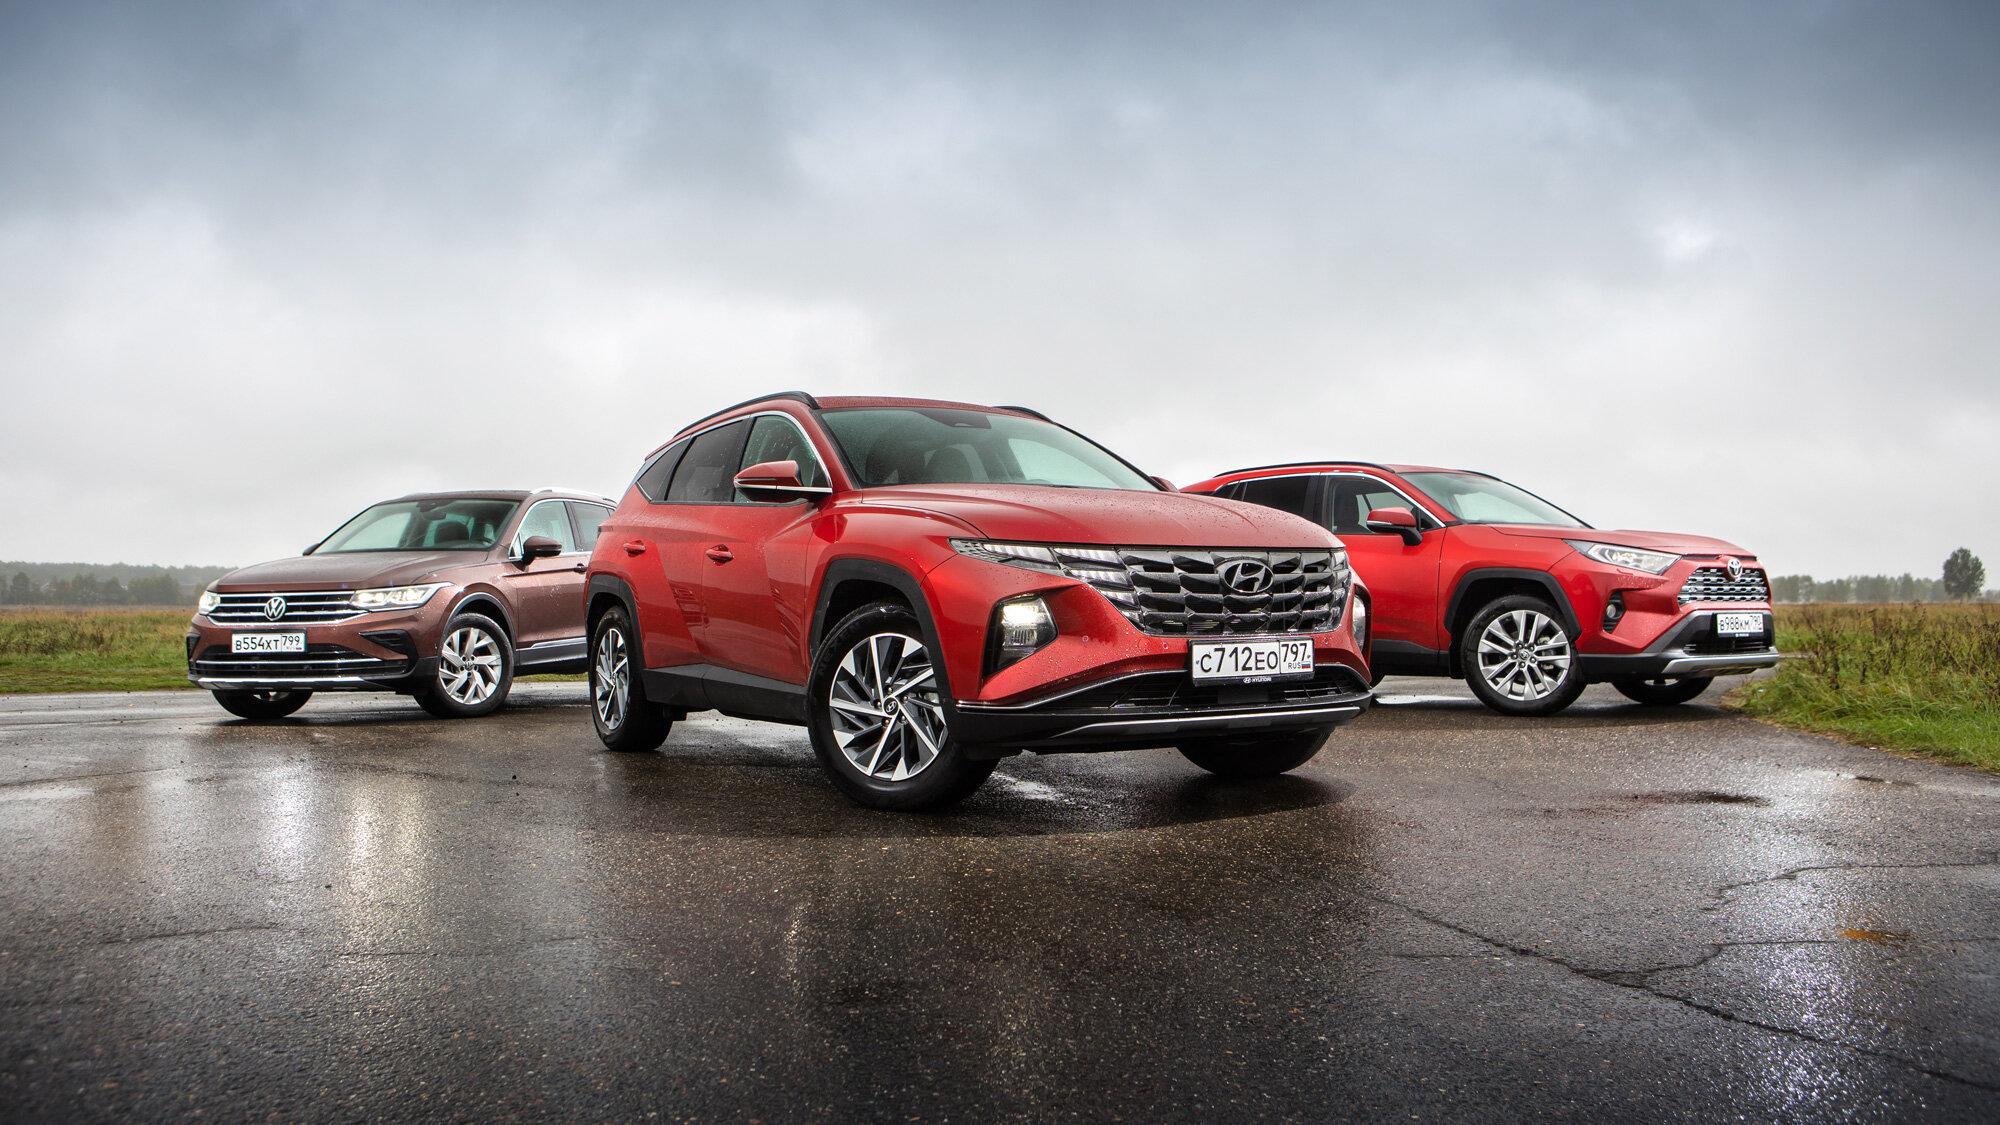 При своих. Hyundai Tucson против VW Tiguan иToyota RAV4: сравнительный тест